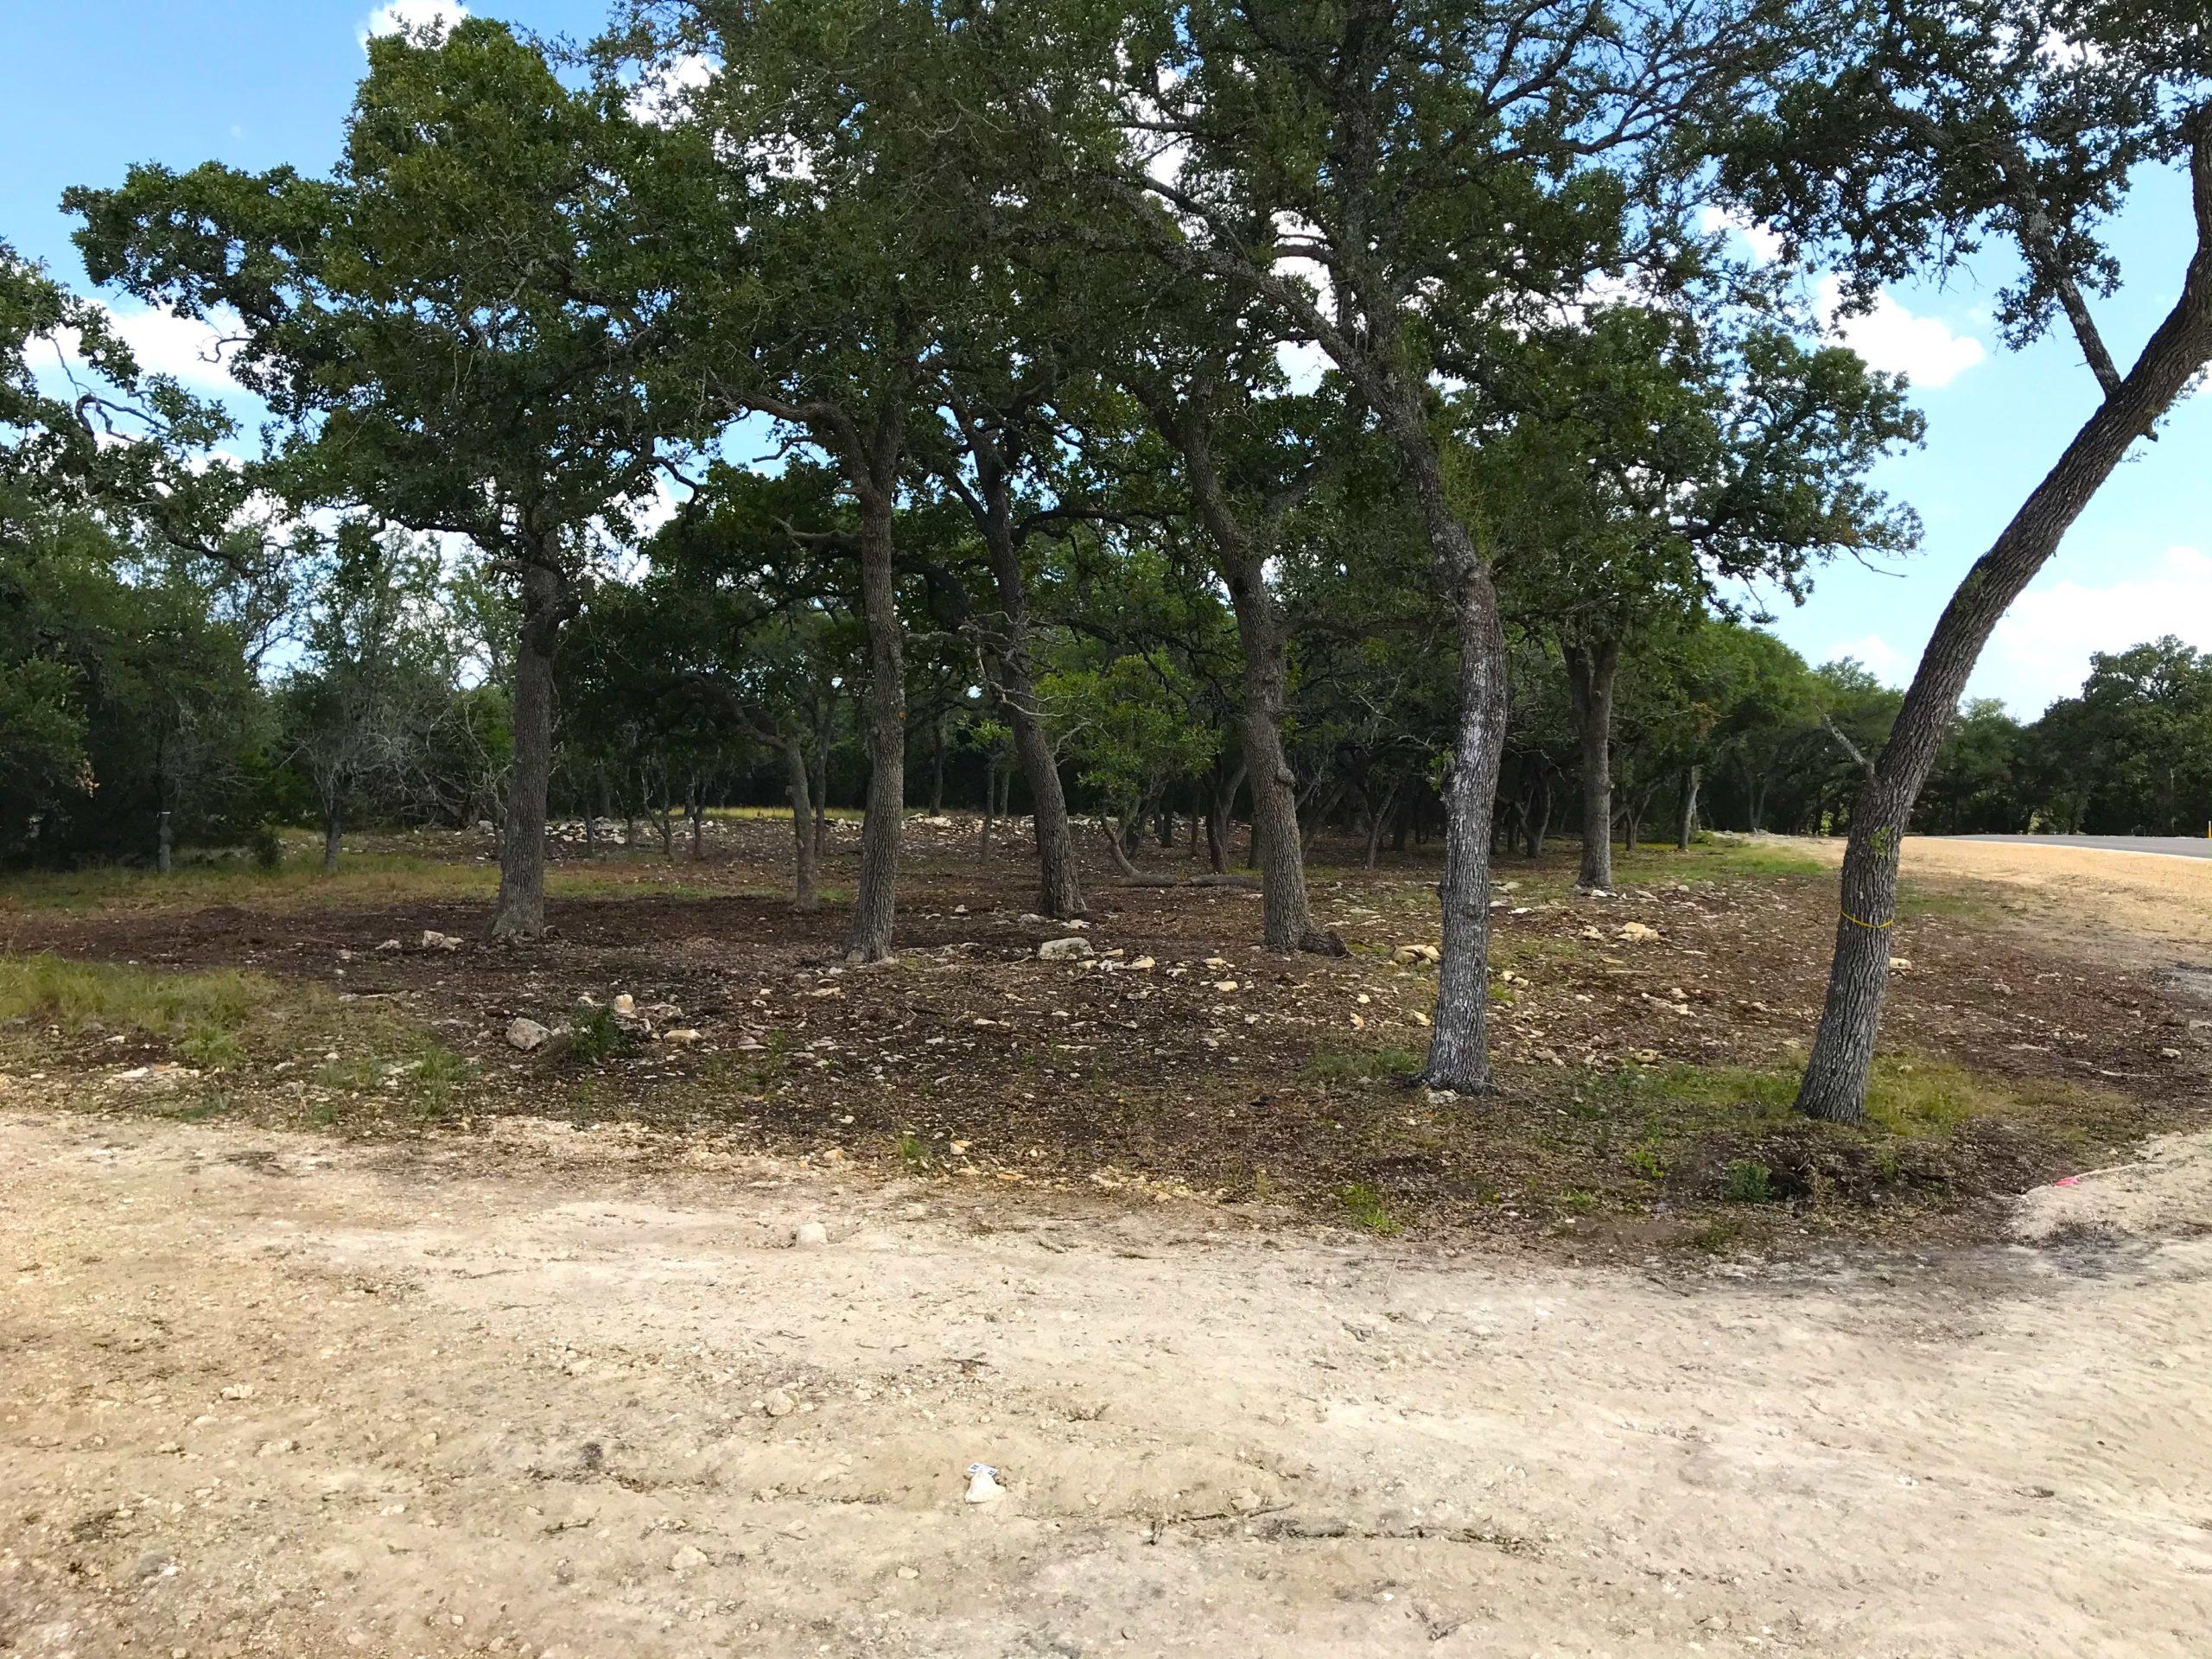 Lot 1 in Belle Oaks - a premier large acreage community